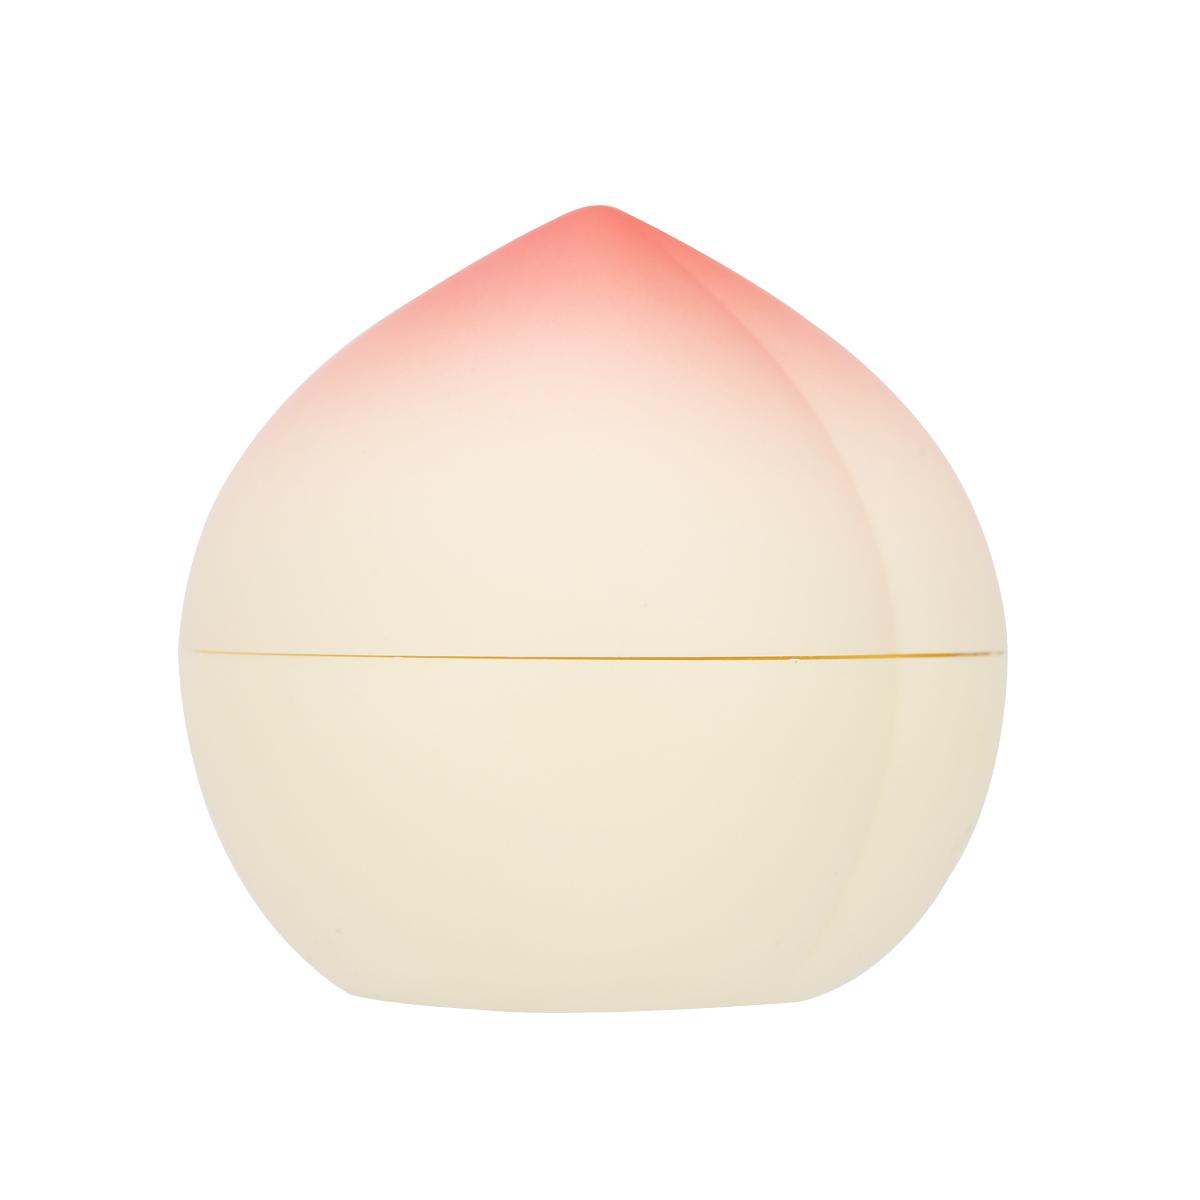 TonyMoly Крем для рук с персиком Peach Anti-Aging Hand Cream, 30 гр841028002719Интенсивный питательный крем для рук, который наполнит Ваш день ароматом свежего персика. Персиковый экстракт богат Ликопином (по свойствам, Ликопин в 100 раз более эффективен, чем витамин Е), а экстракт абрикоса питает и увлажняет чувствительную и сухую кожу рук. Также содержит Аденозин, вещество, которое активно борется с признаками старения и омолаживает кожу. Марка Tony Moly чаще всего размещает на упаковке (внизу или наверху на спайке двух сторон упаковки, на дне банки, на тубе сбоку) дату изготовления в формате: год/месяц/дата.Как ухаживать за ногтями: советы эксперта. Статья OZON Гид